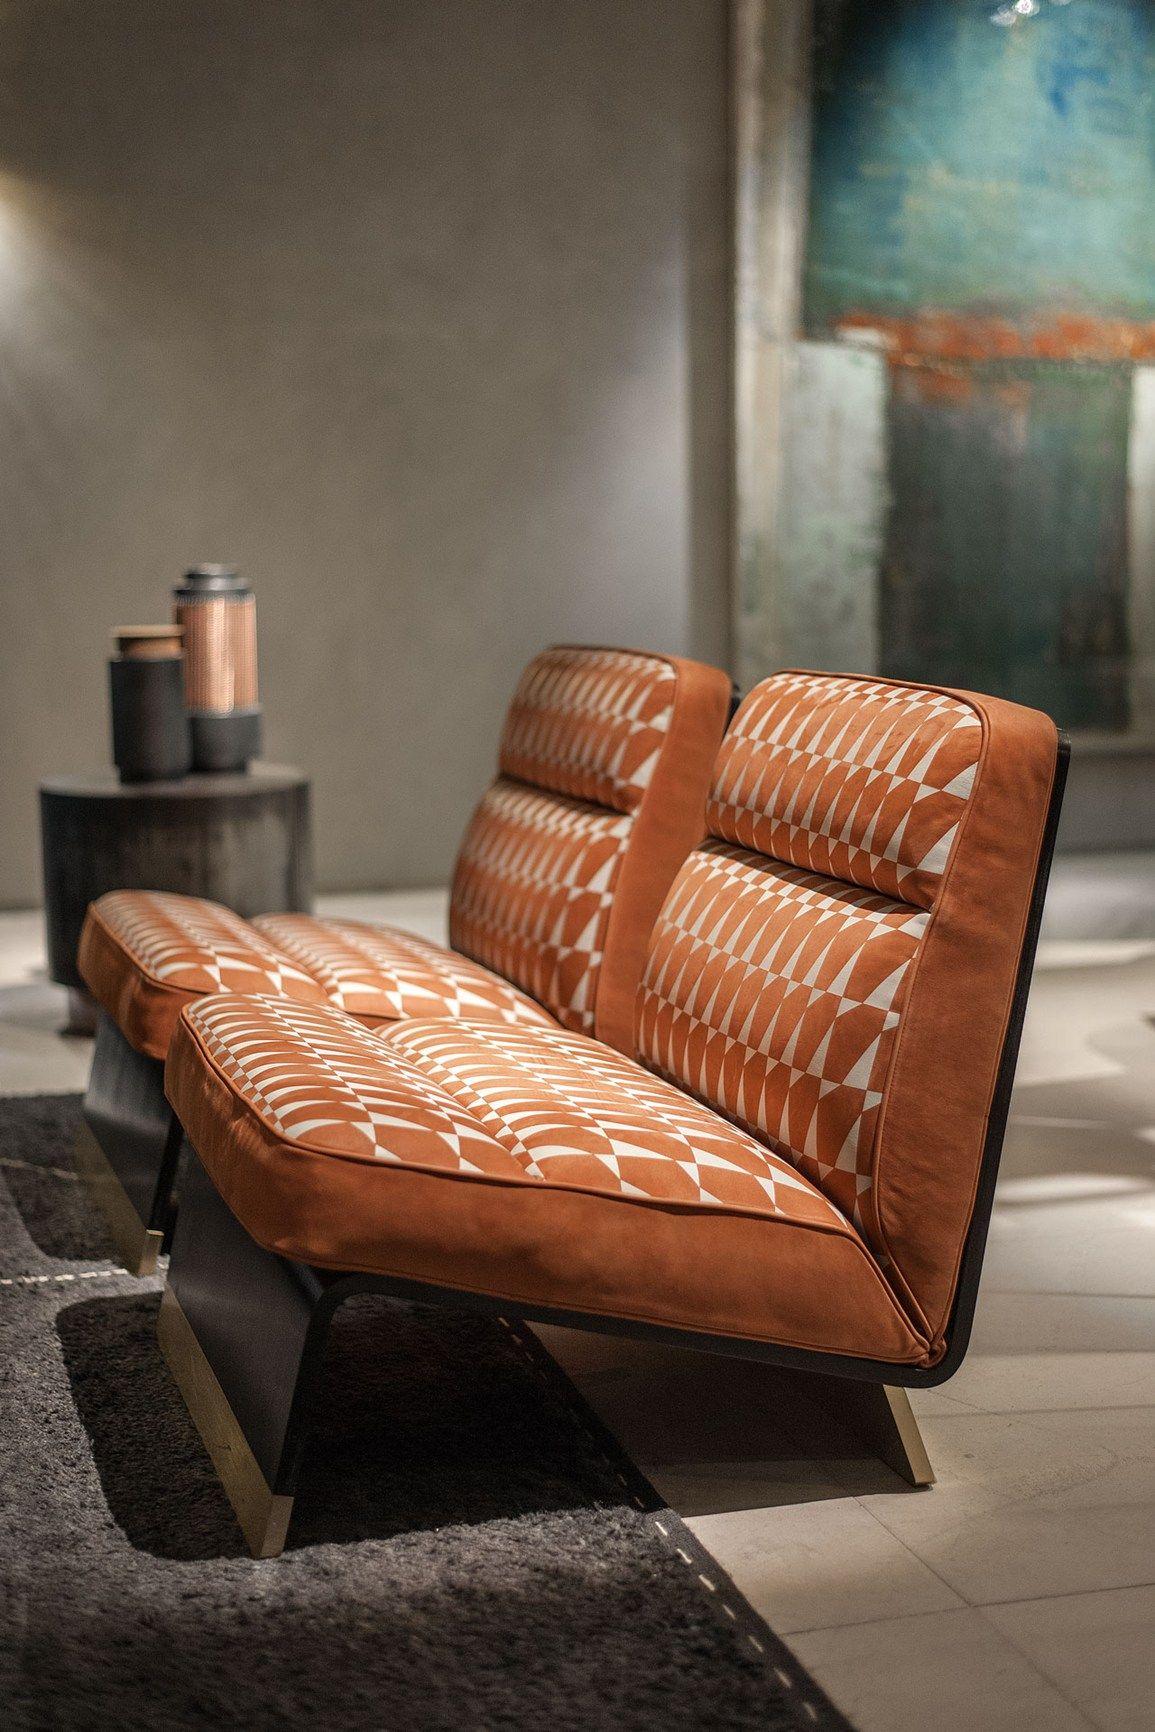 die besten 25 baxter furniture ideen auf pinterest gr nraumgestaltung modernes sofa und sofa. Black Bedroom Furniture Sets. Home Design Ideas